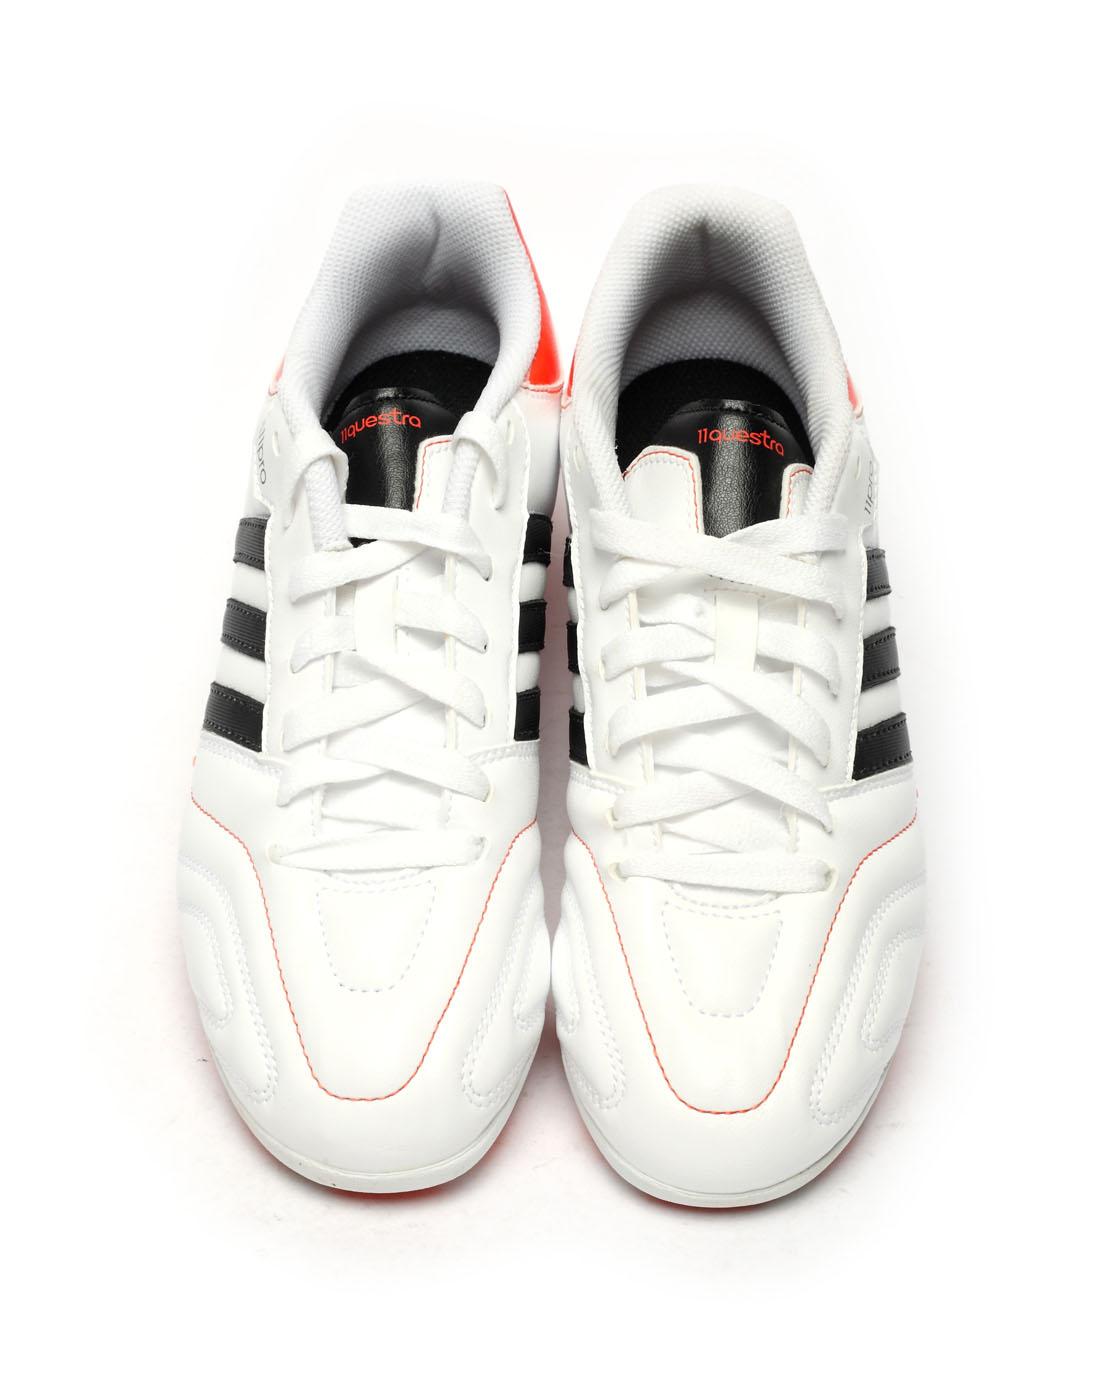 阿迪达斯adidas男子白色足球鞋v23708